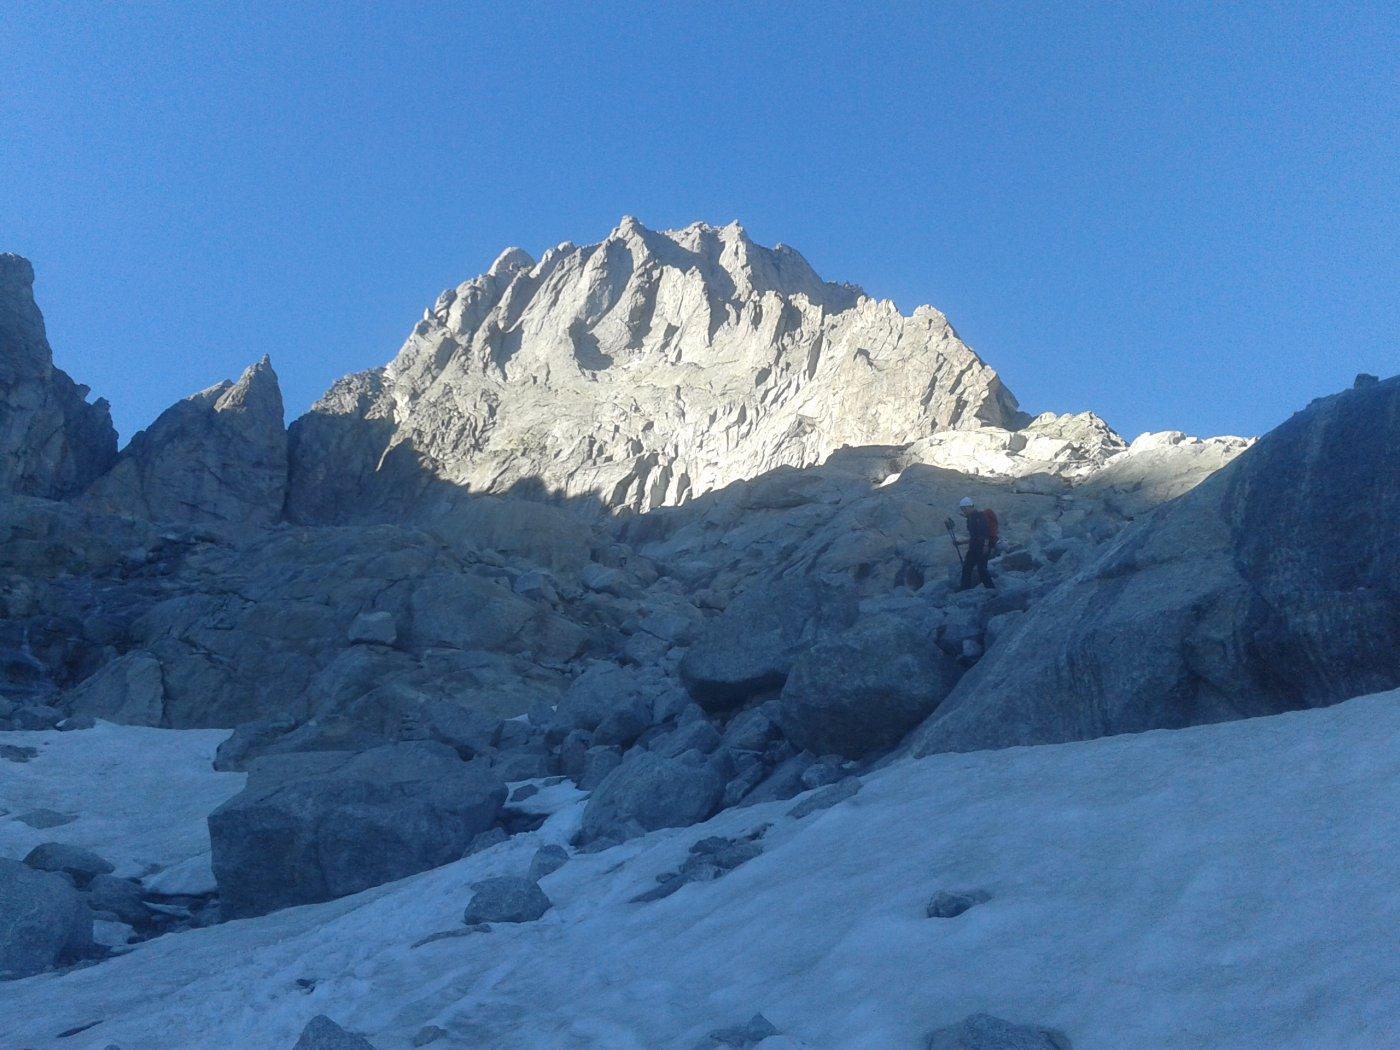 Il versante sud del pizzo Badile, scendendo verso il rifugio Gianetti